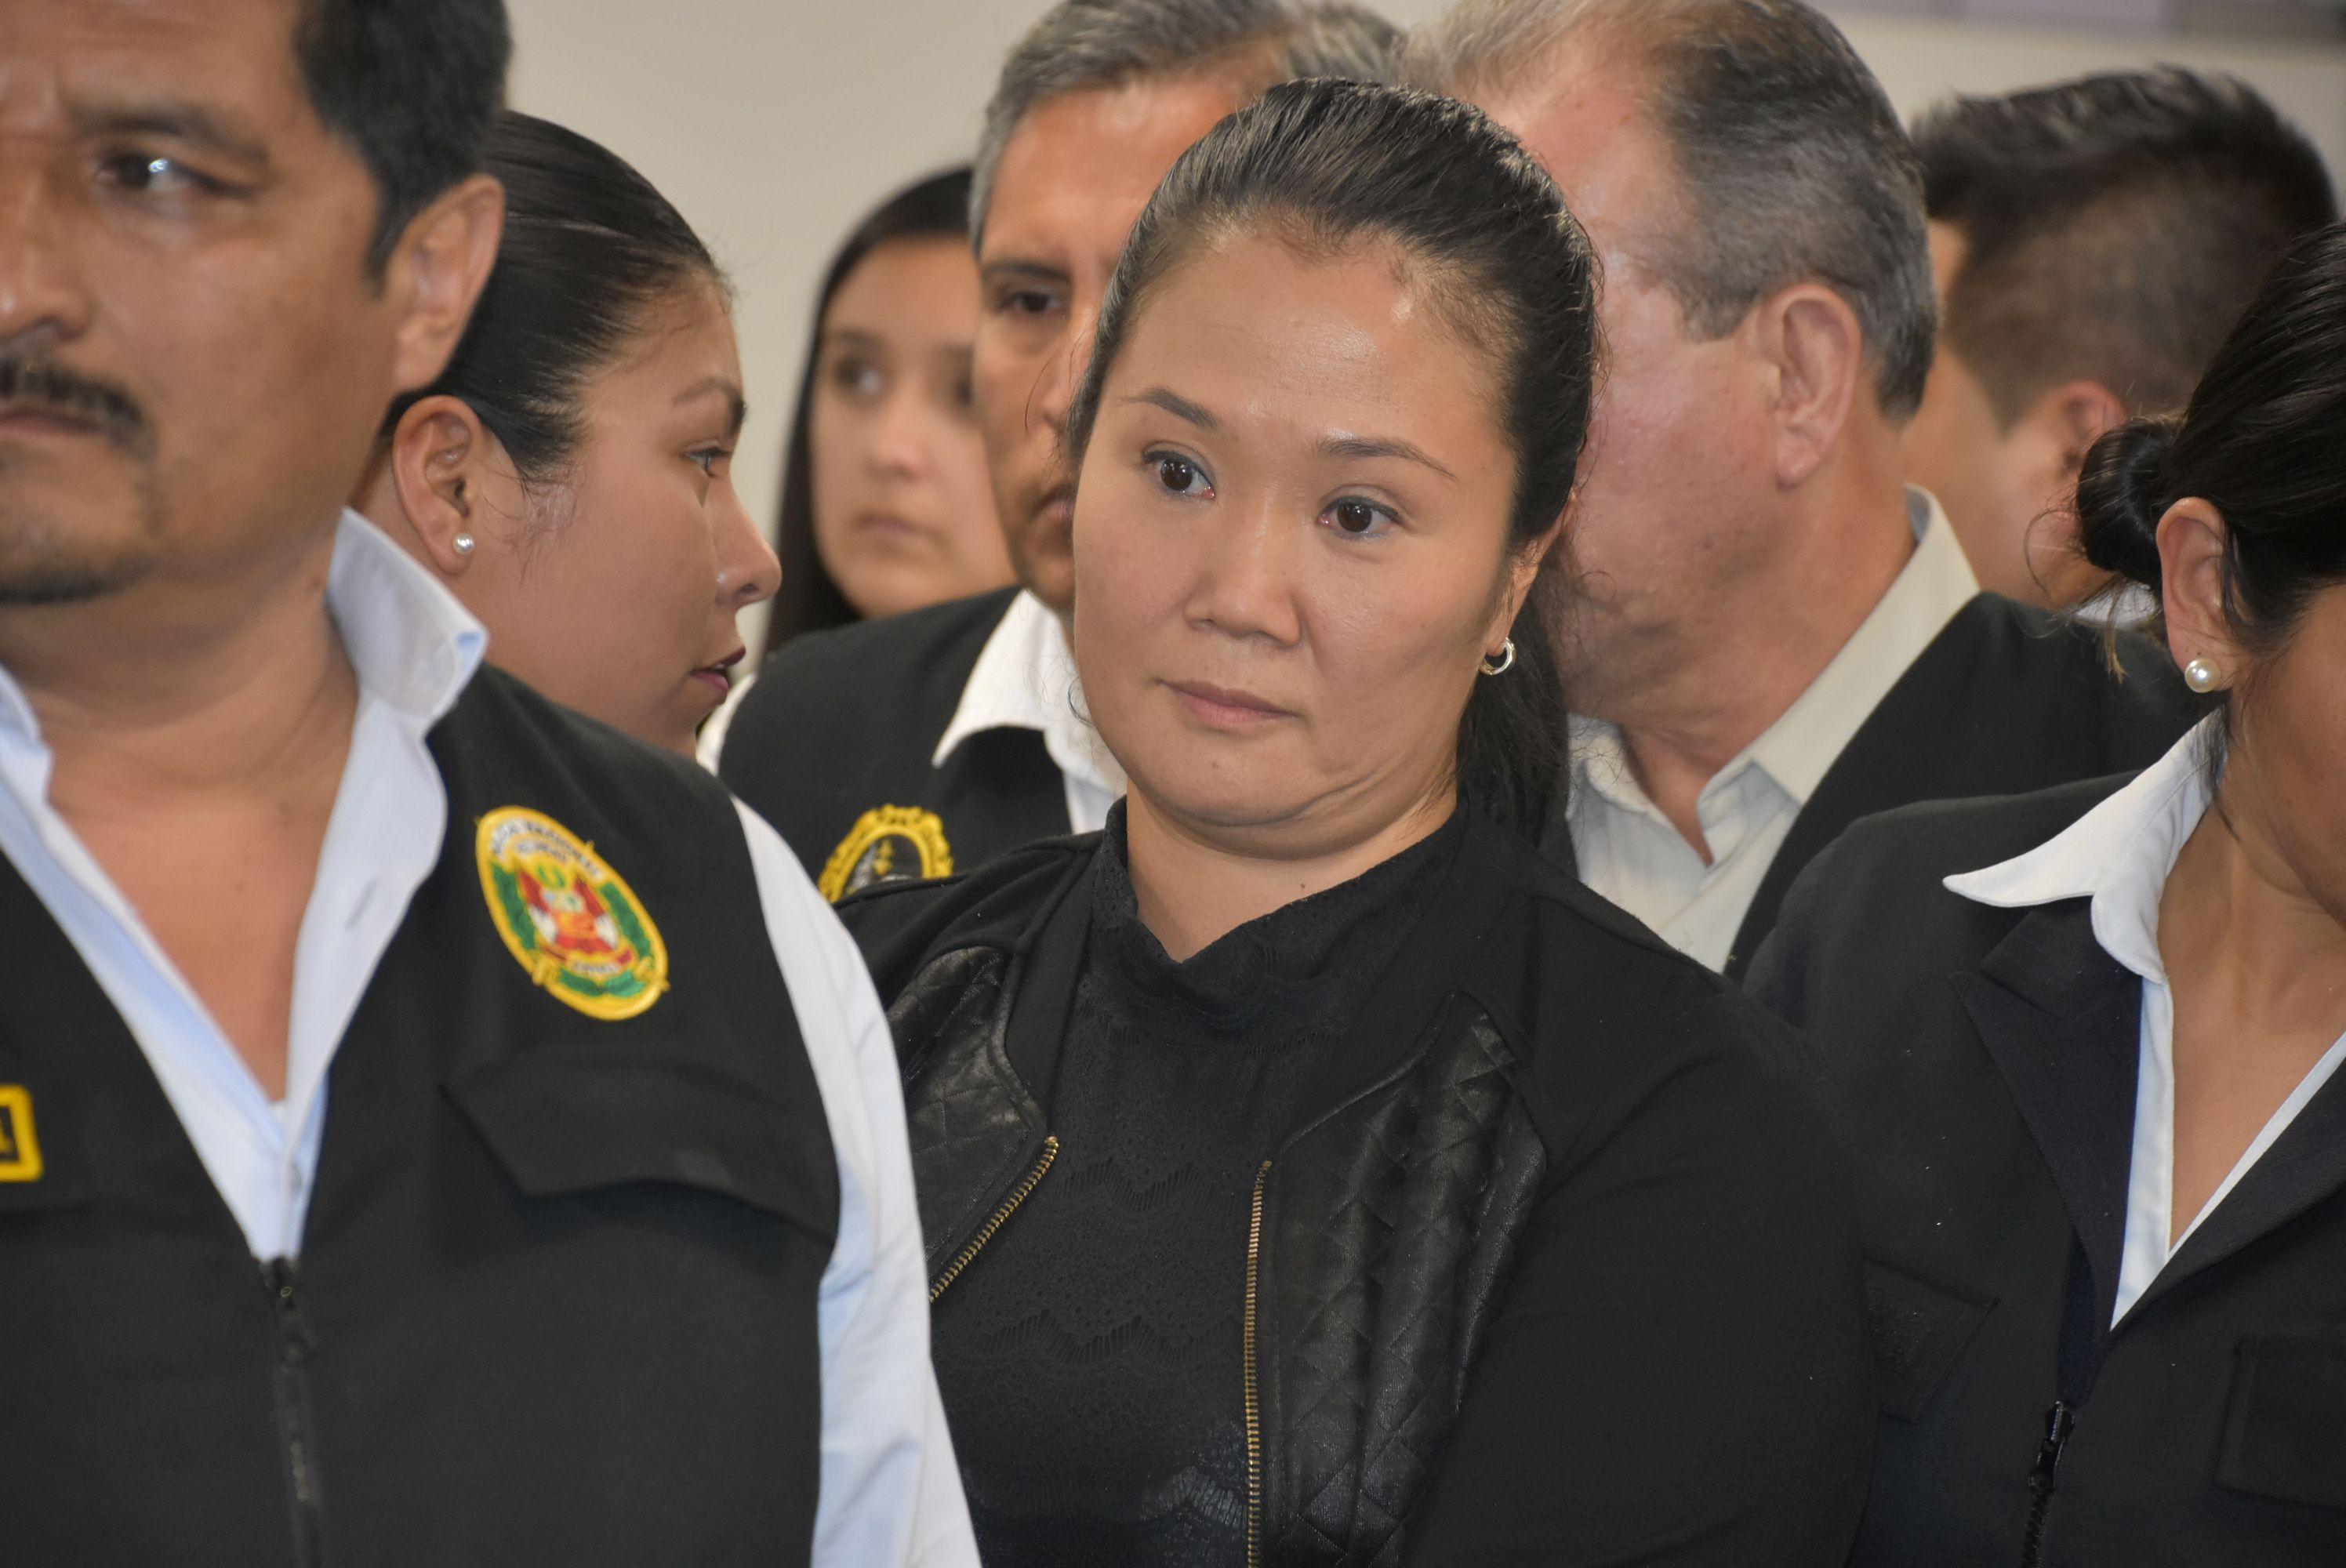 Keiko Fujimori estuvo en prisión preventiva. El antifujimorismo no se activó con la fuerza de otras campañas por la ausencia de un candidato con credibilidad y compromiso democrático (Reuters)